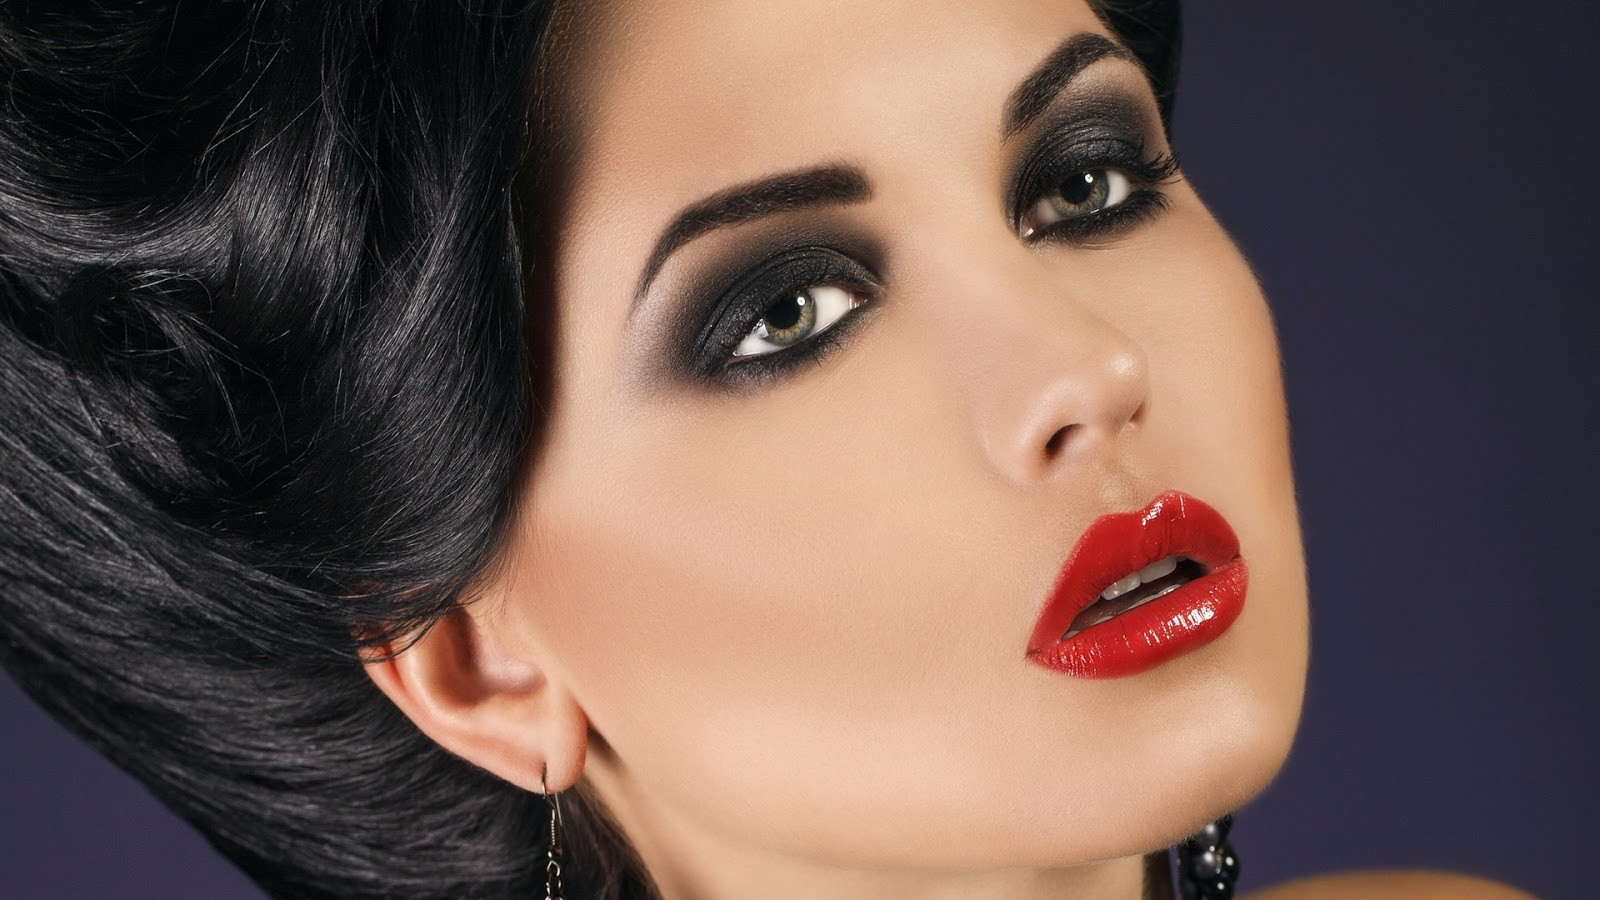 Ученые узнали, почему женщины делают яркий макияж